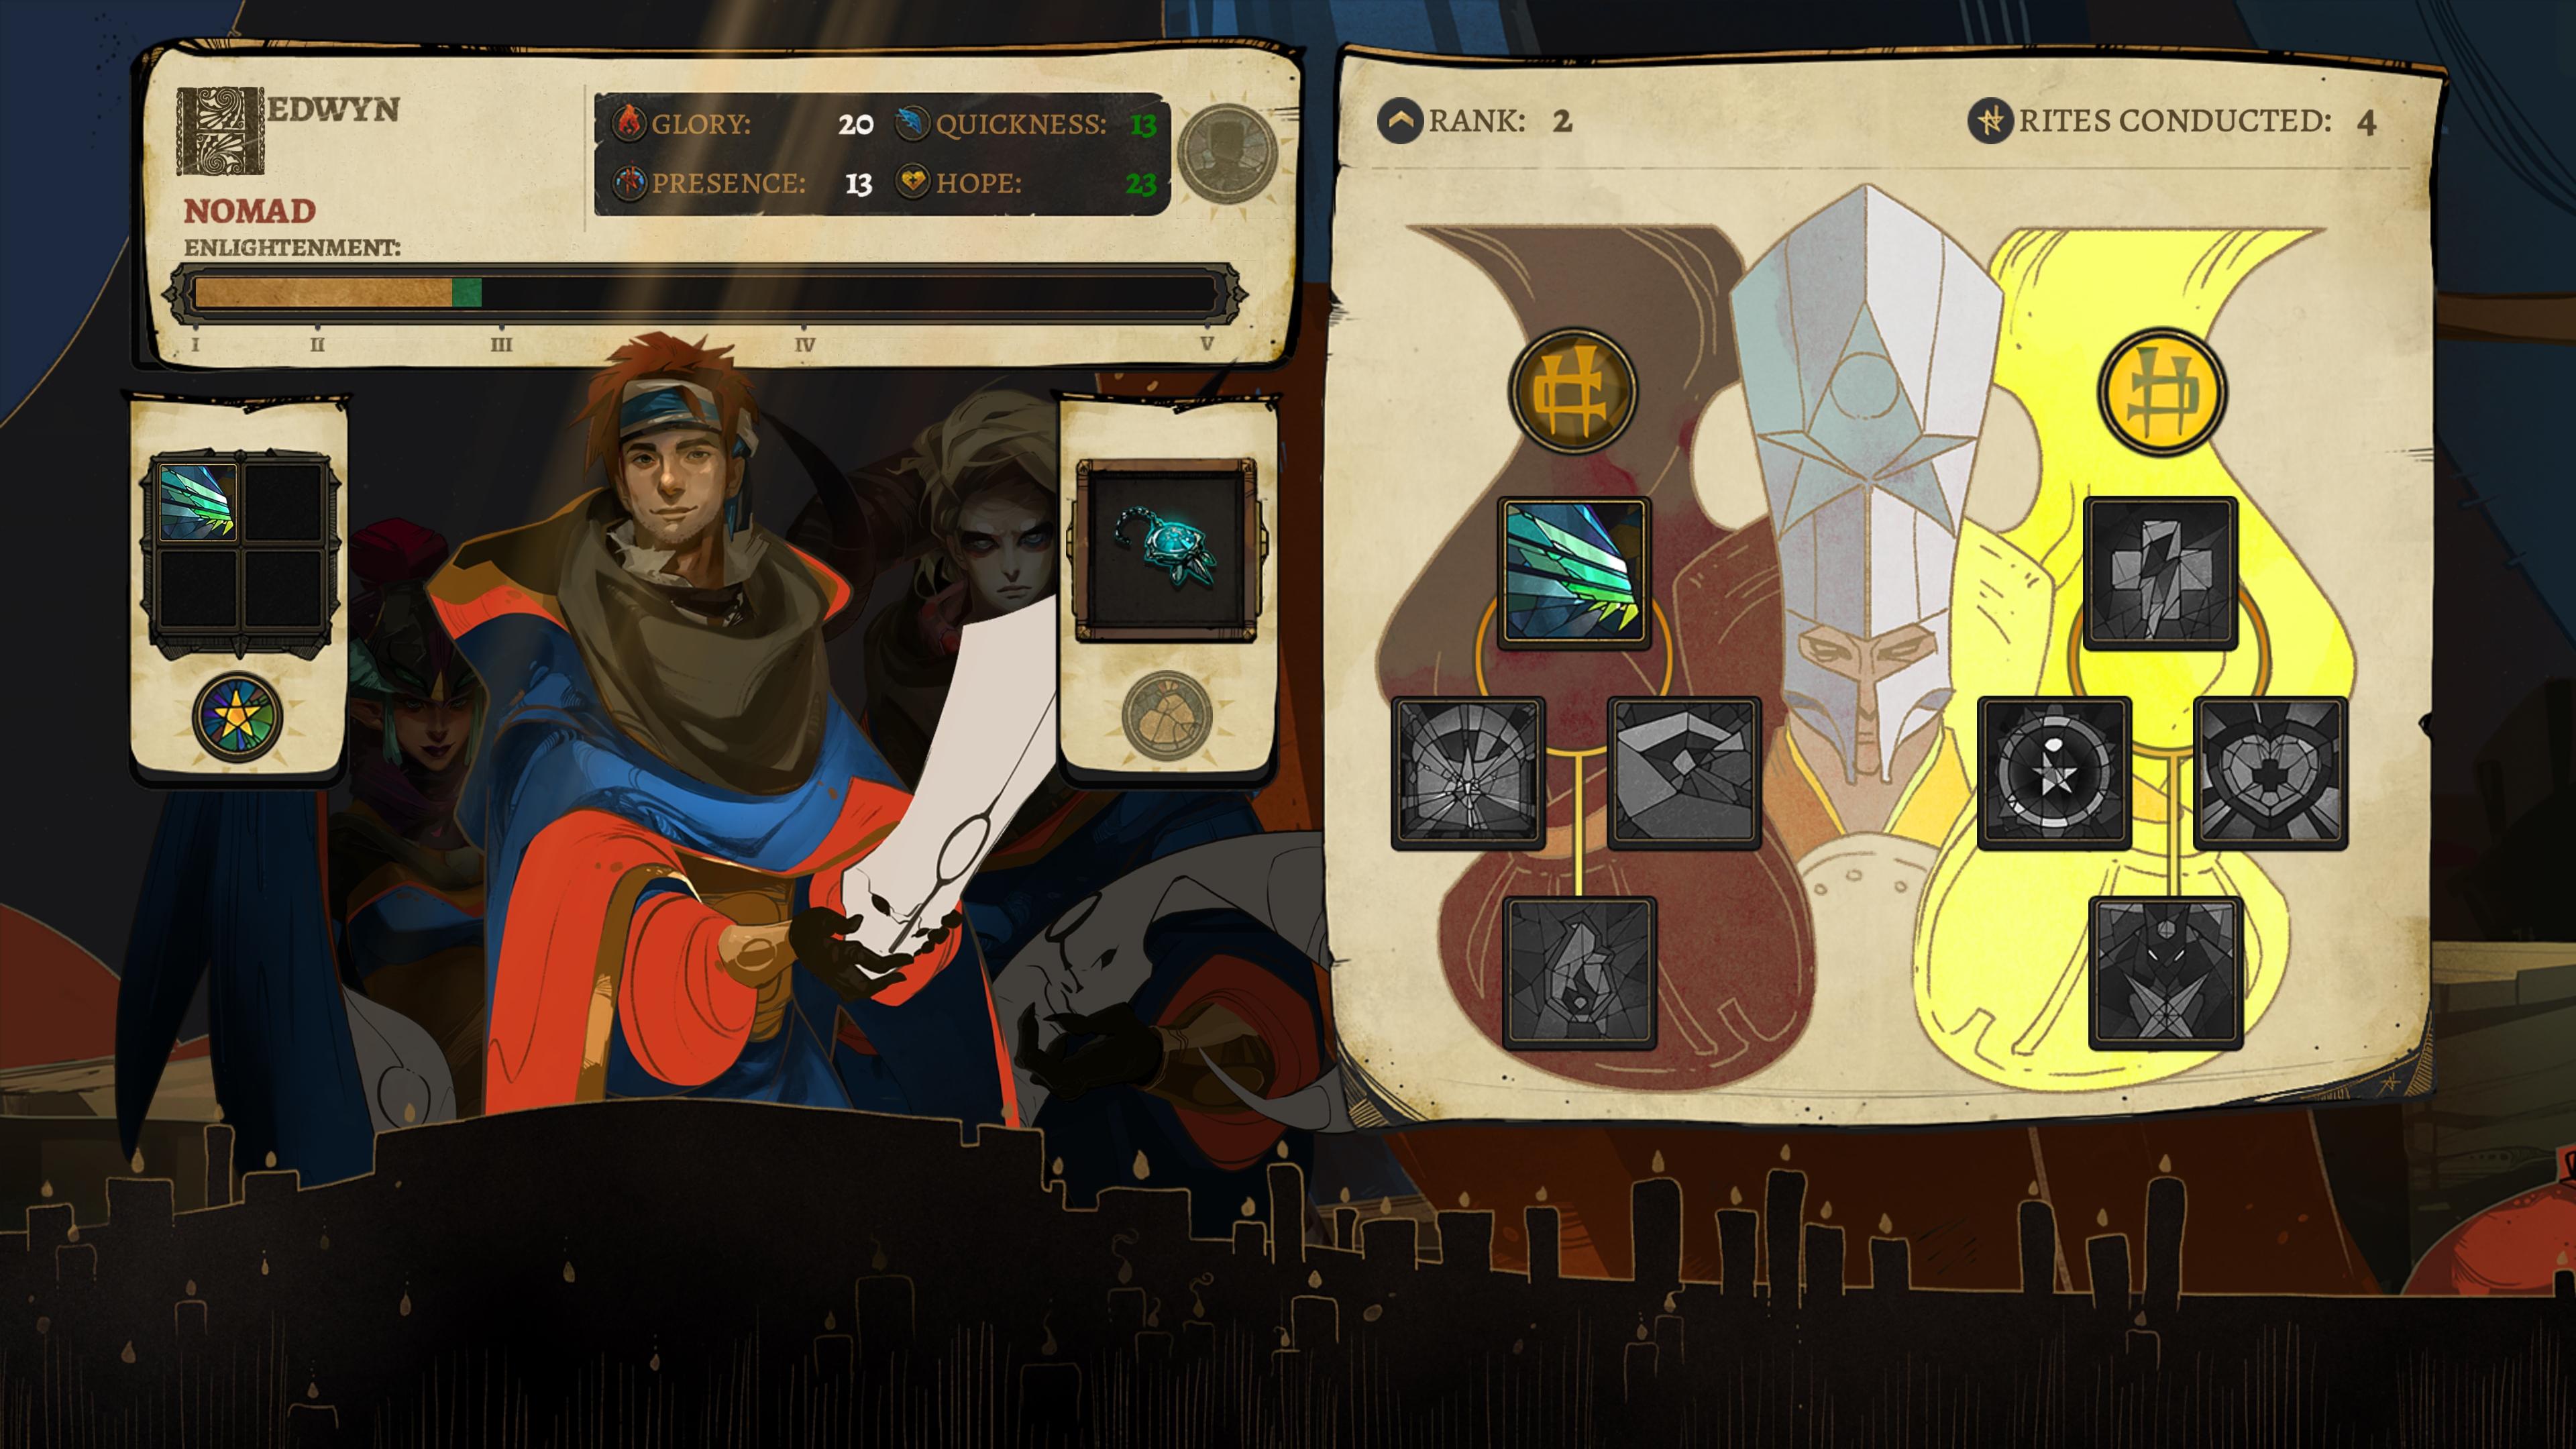 Cena de Pyre, terceiro jogo da Supergiant Games, que mostra a tela de seleção de personagens, em que é possível ver o caminho de skills.